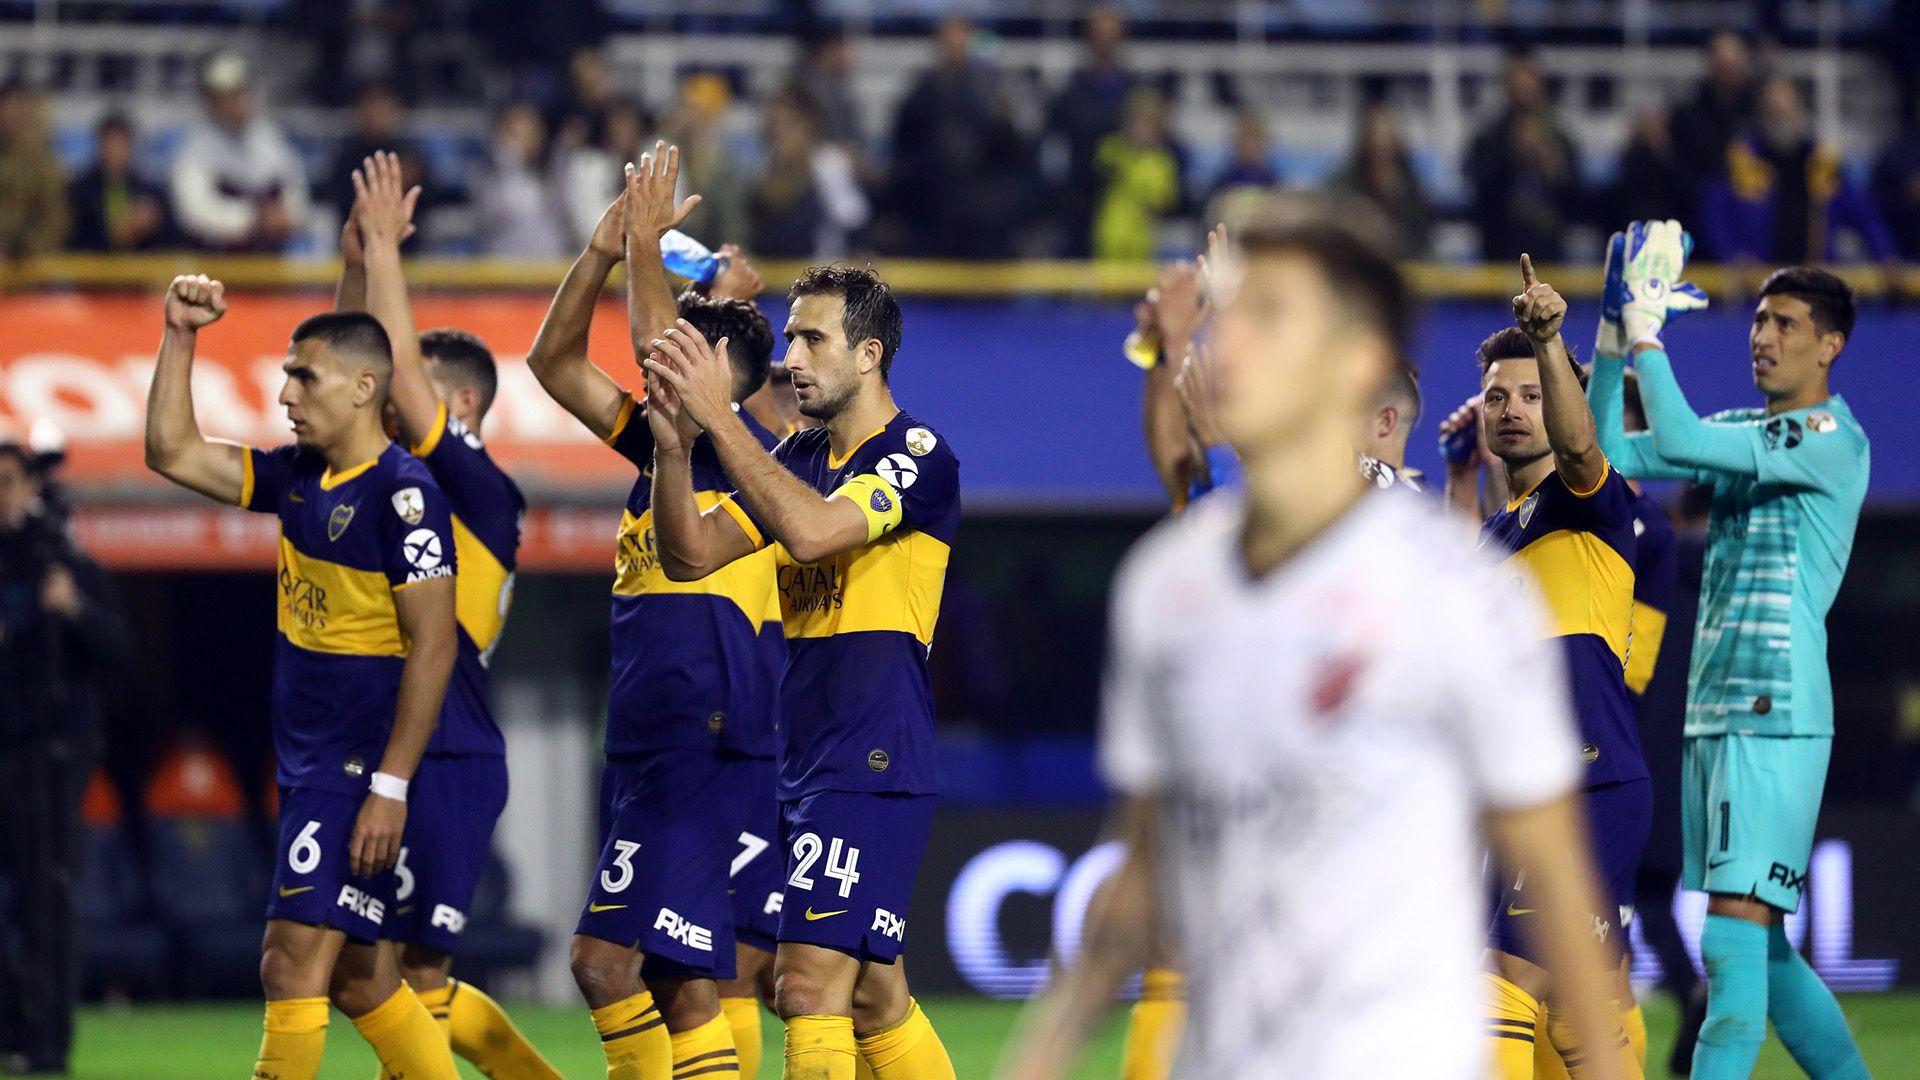 Boca avanzó a los cuartos de final tras vencer en un global por 3 a 0 a Atlético Paranaense y se medirá ante LDU de Ecuador (Foto Baires)